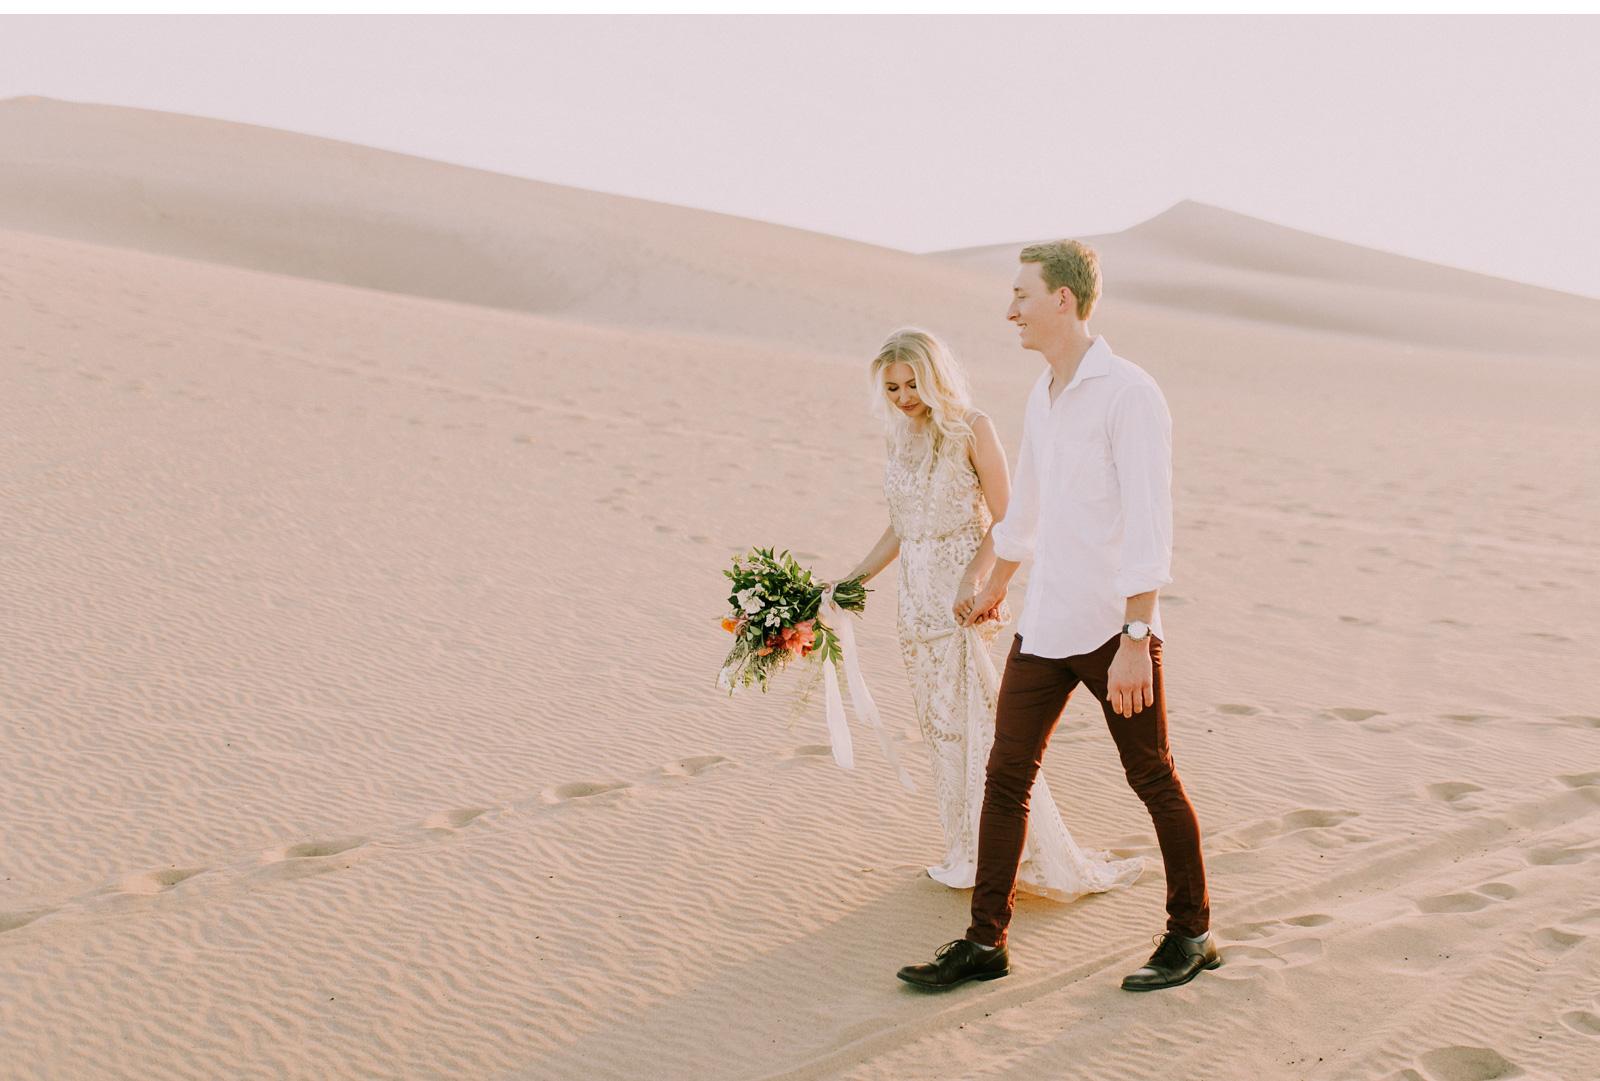 Adventure-Wedding-Green-Wedding-Shoes-Natalie-Schutt-Photography_11.jpg